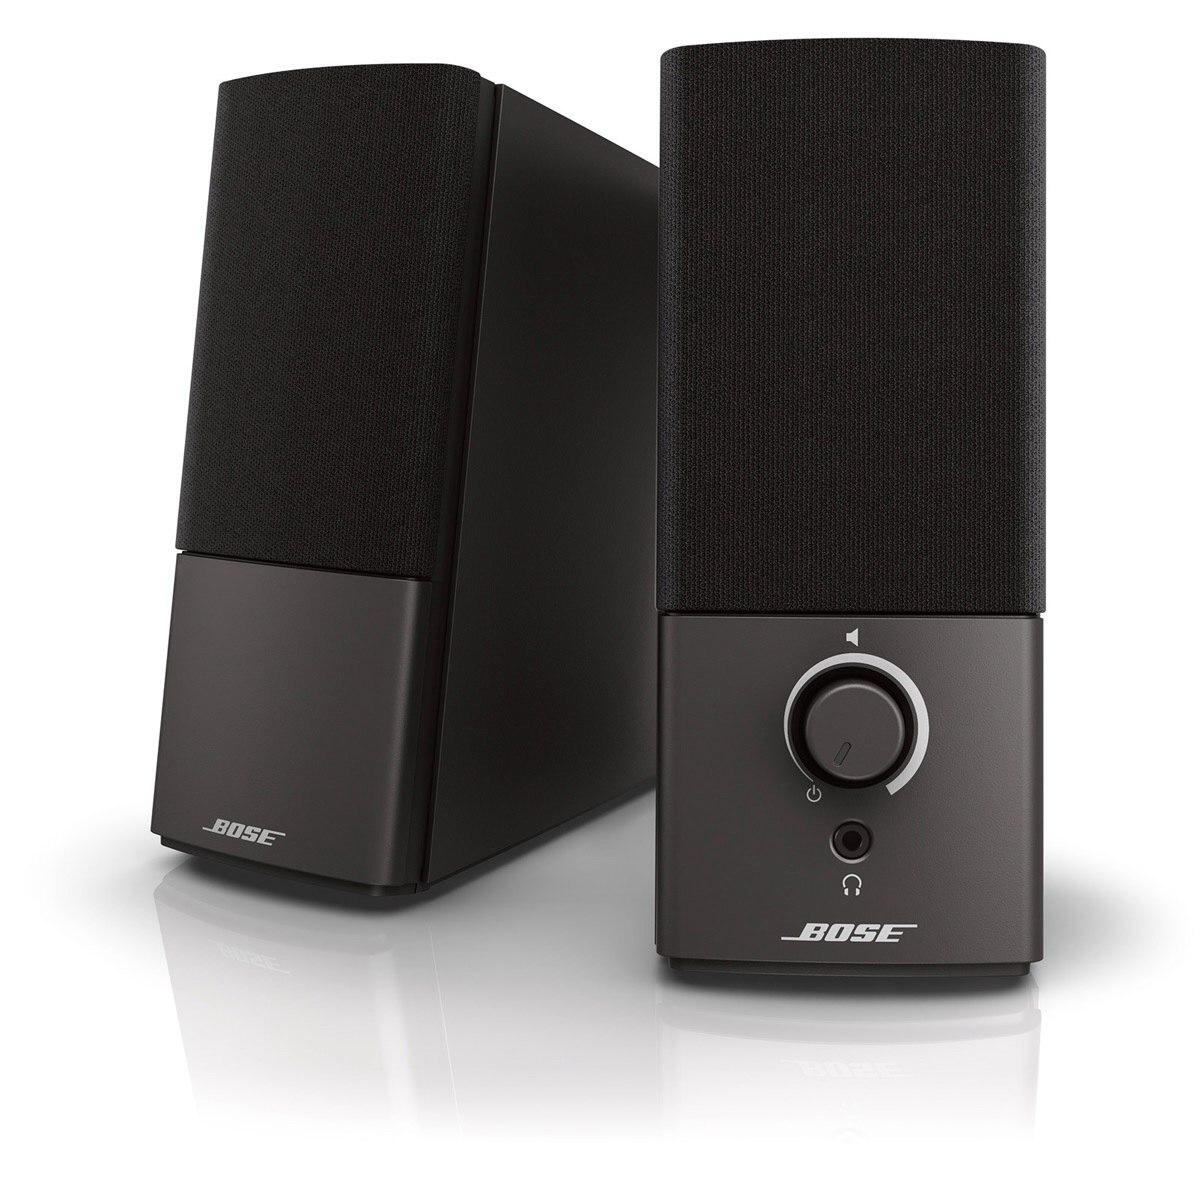 Bose Sound System >> Bocinas Bose Companion 2 Series - $ 3,199.00 en Mercado Libre